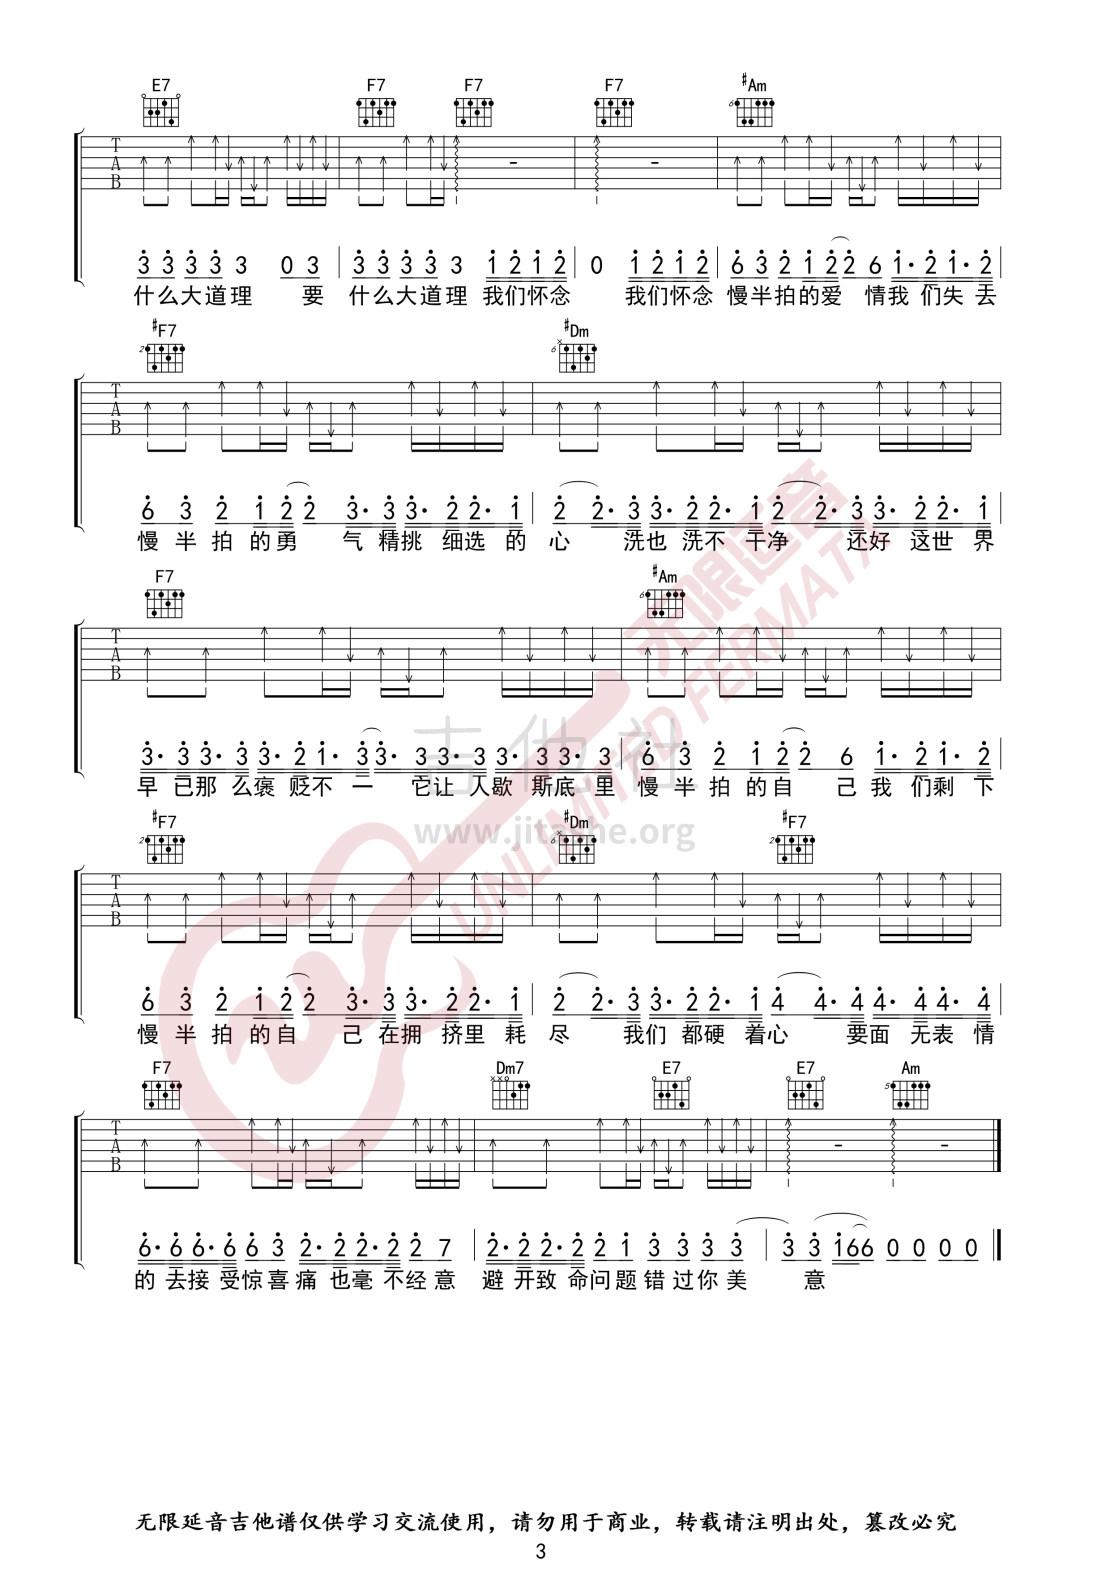 慢半拍( 无限延音编配)吉他谱(图片谱,C调,弹唱)_薛之谦_慢半拍03.jpg